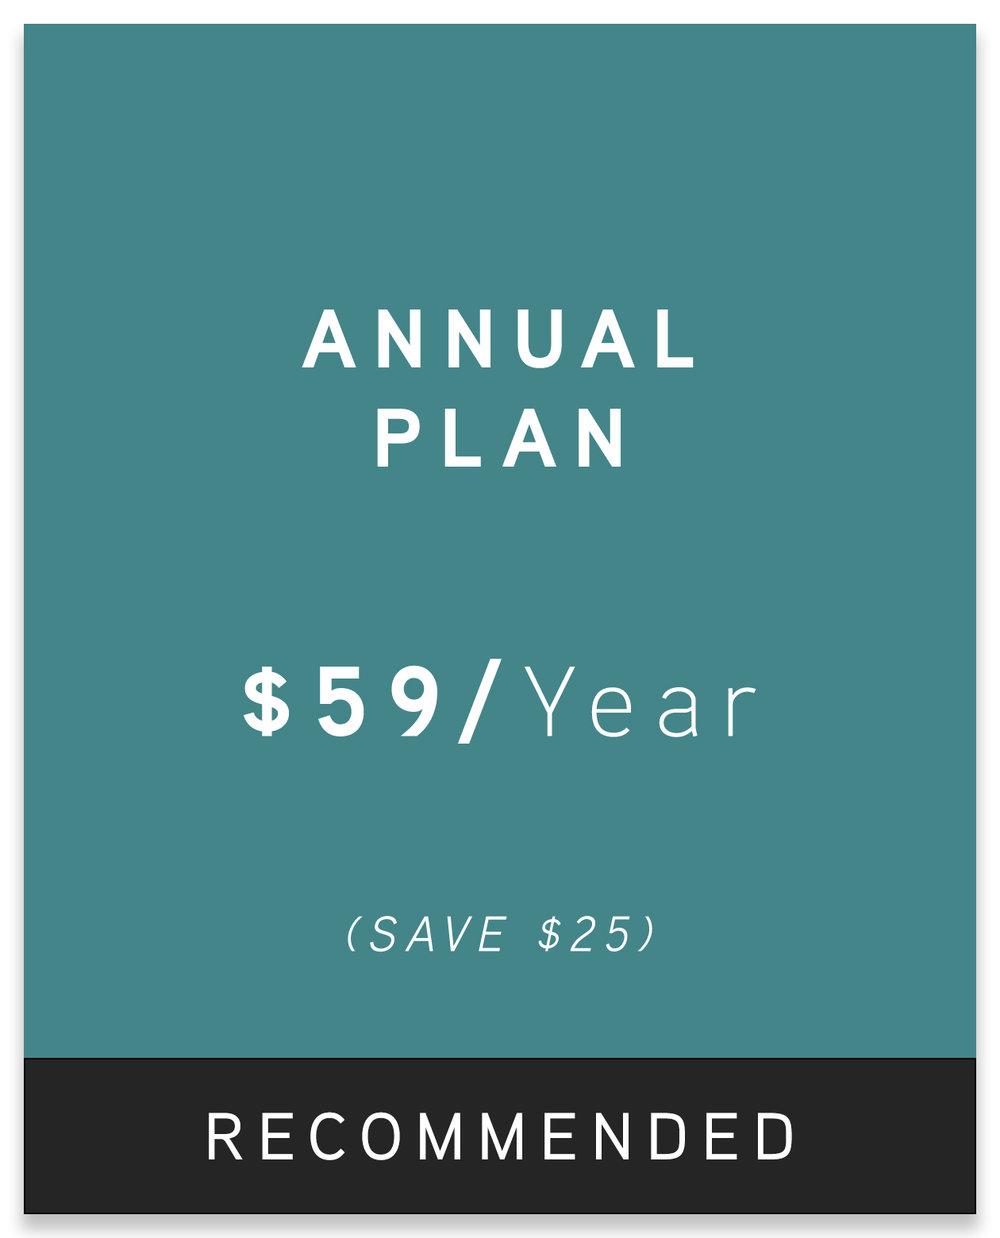 Annual Plan.jpg